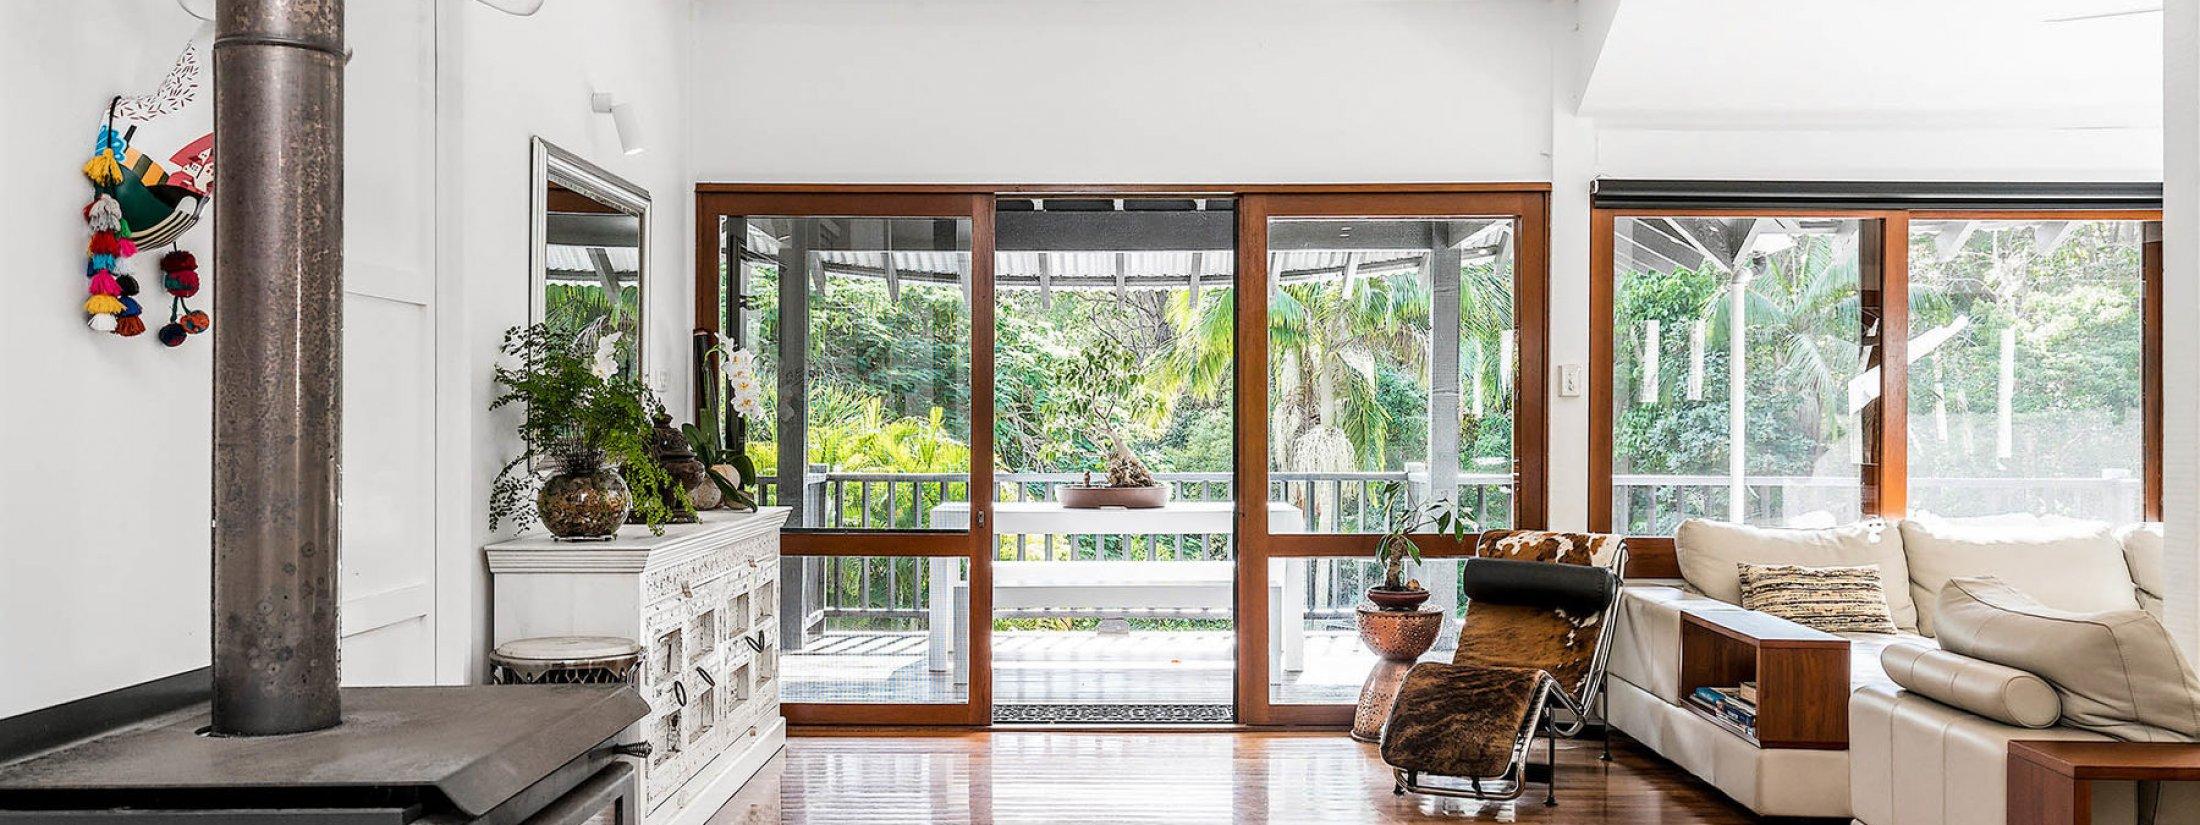 Ourmuli - Byron Bay - Fireplace and Lounge